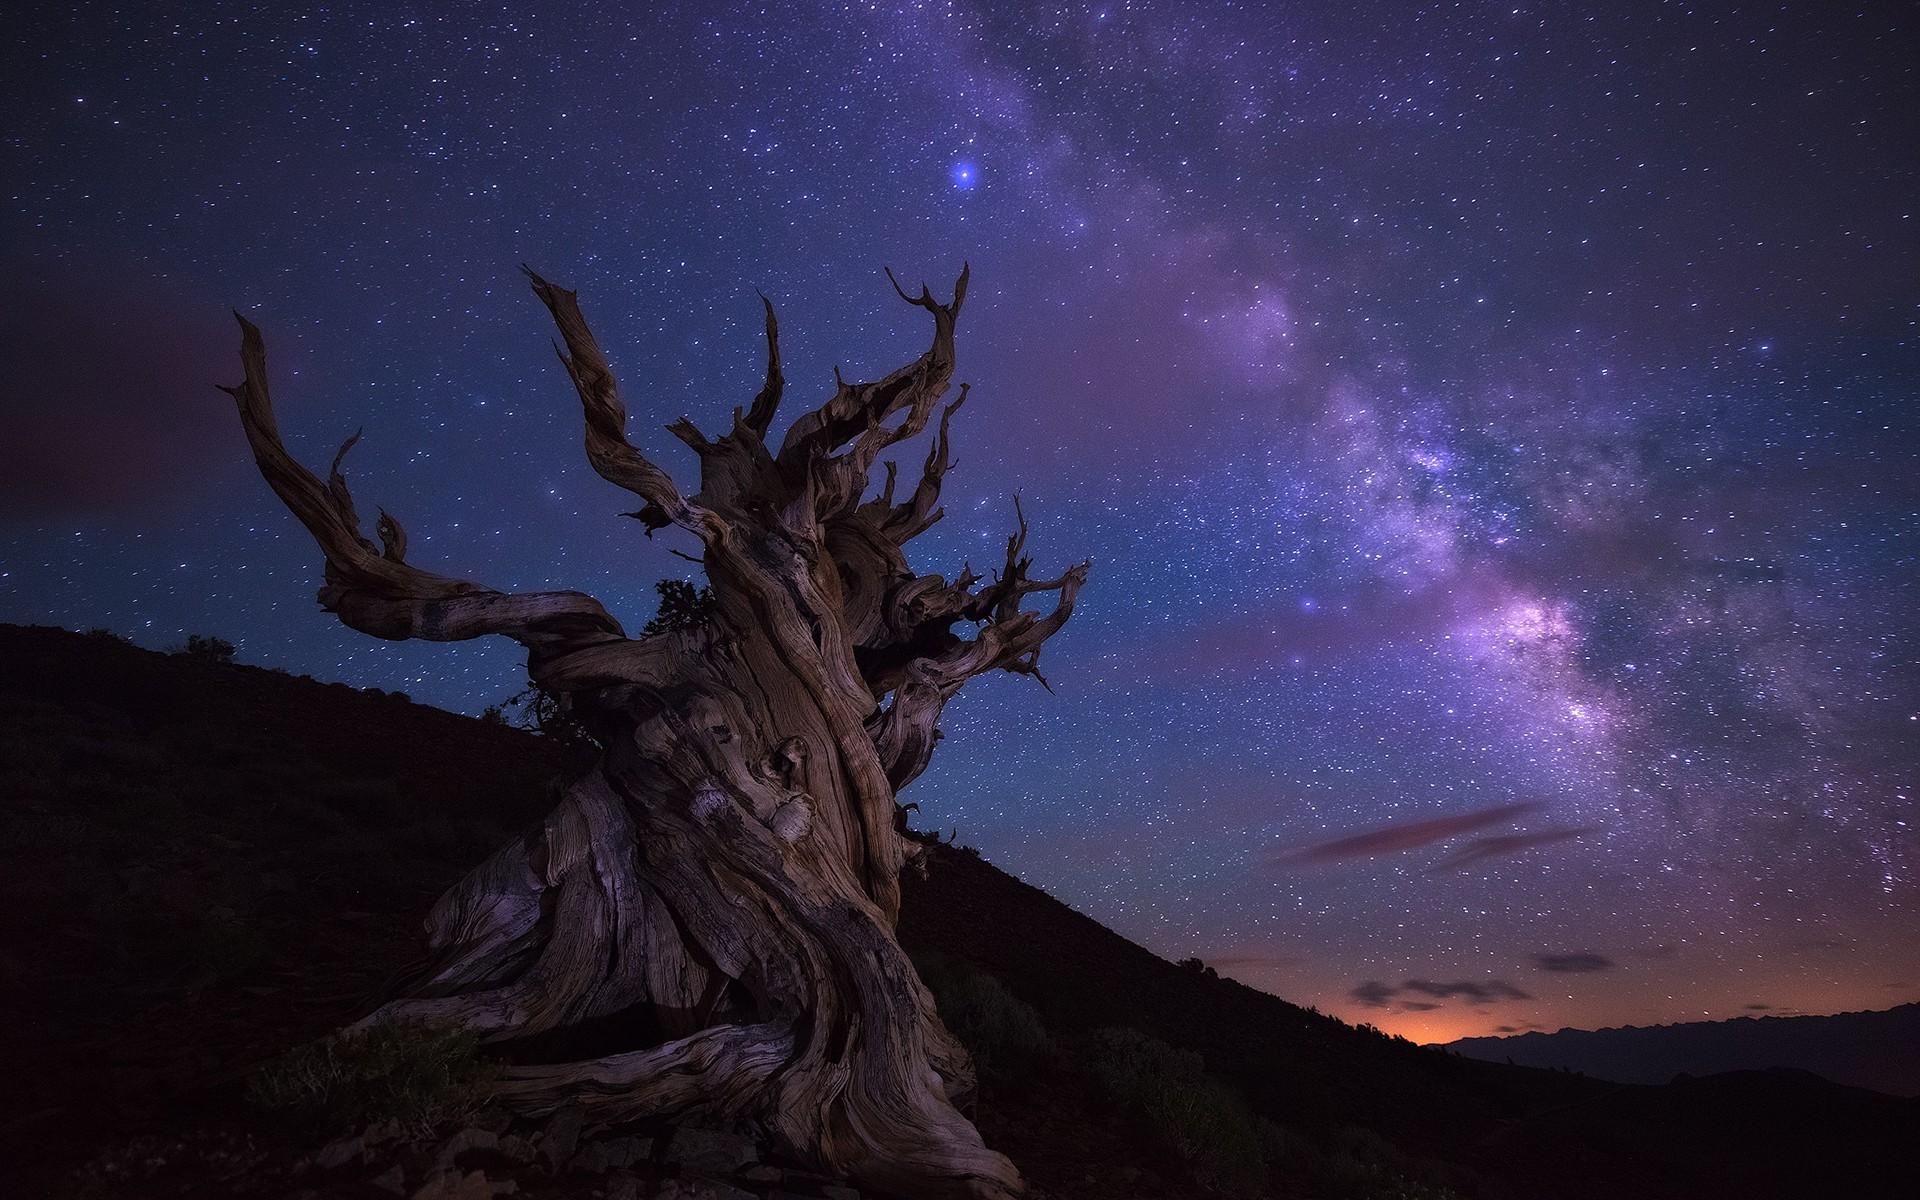 картинки ночное небо и деревья собака коричневая